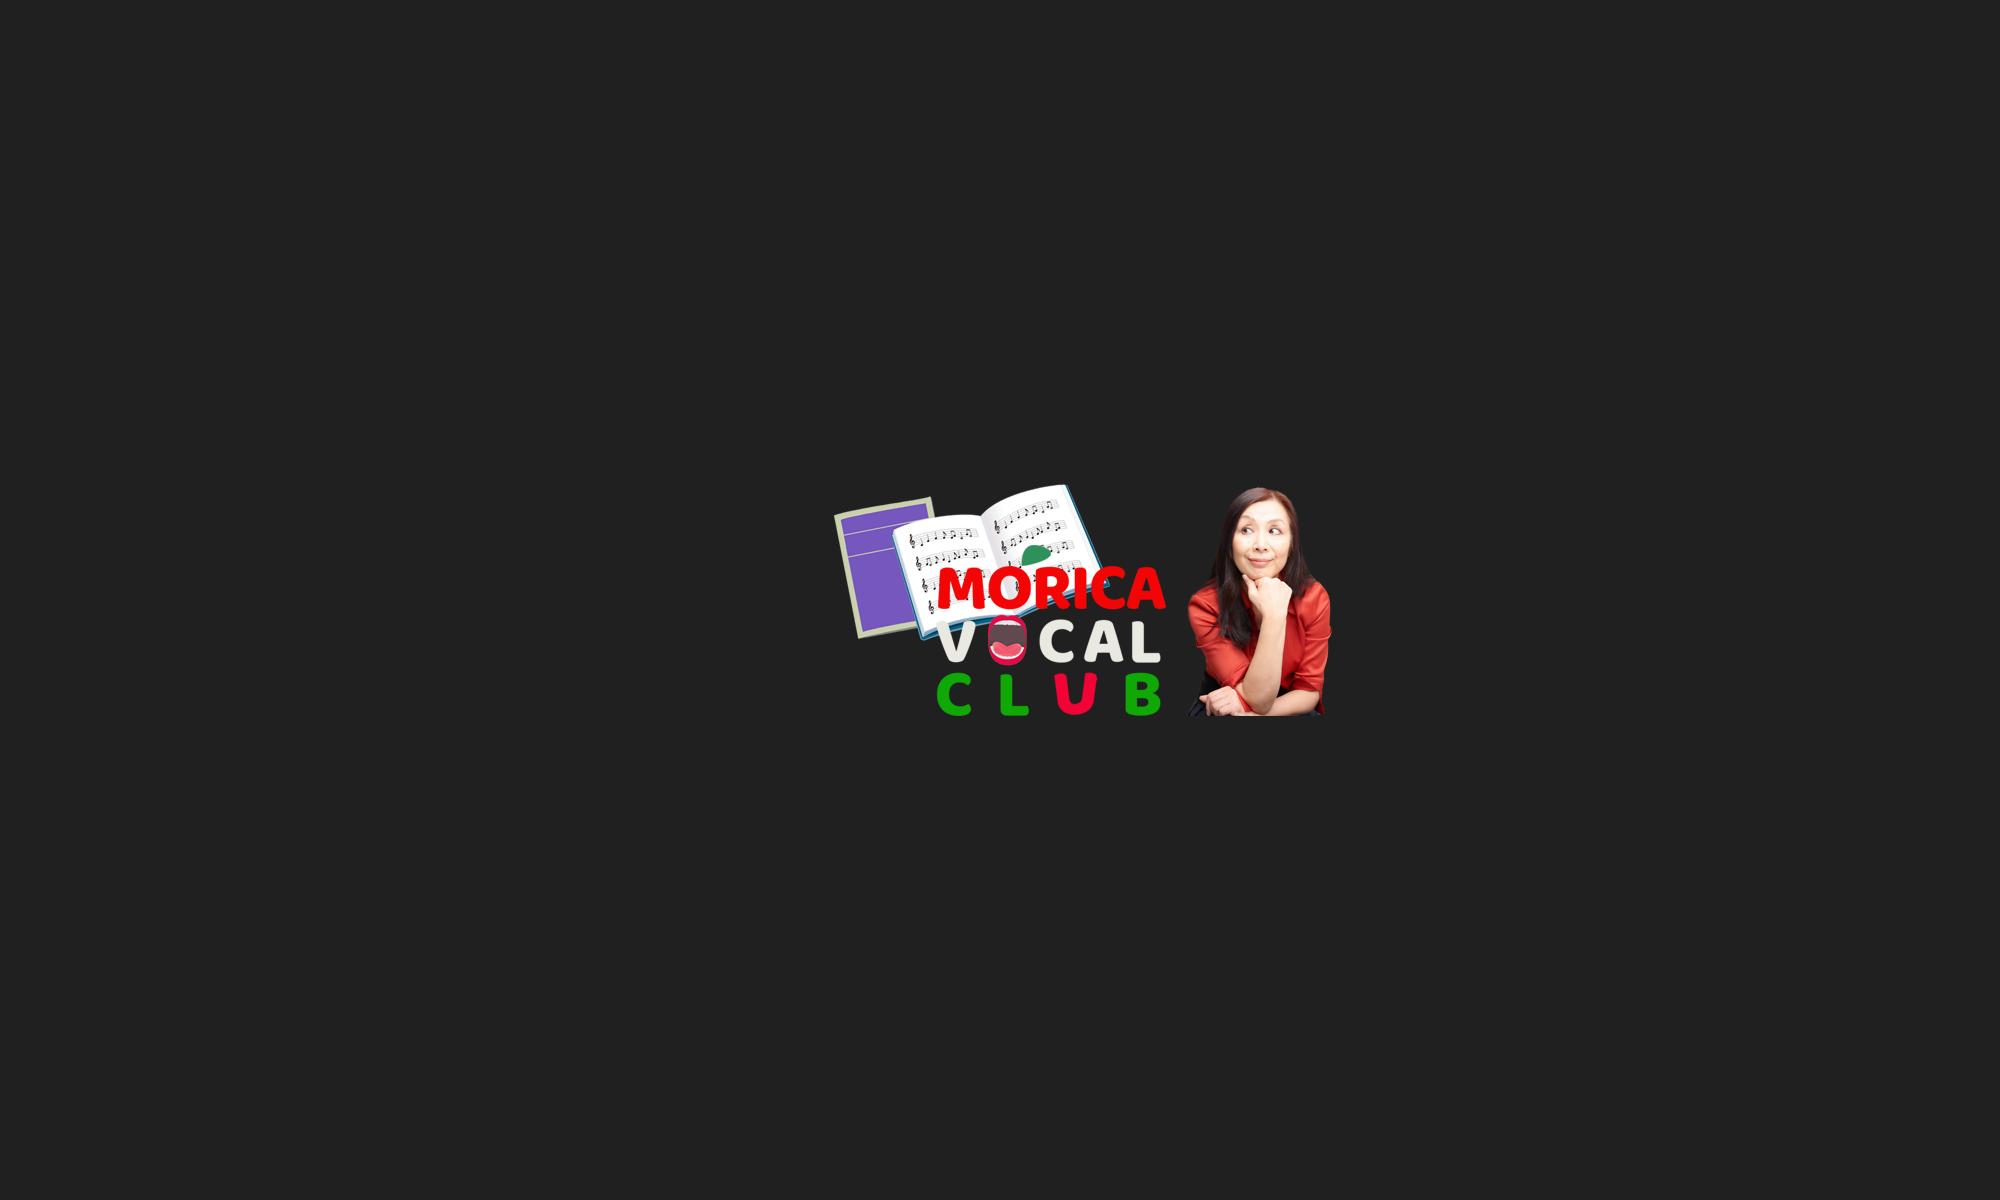 MORICA VOCAL CLUB